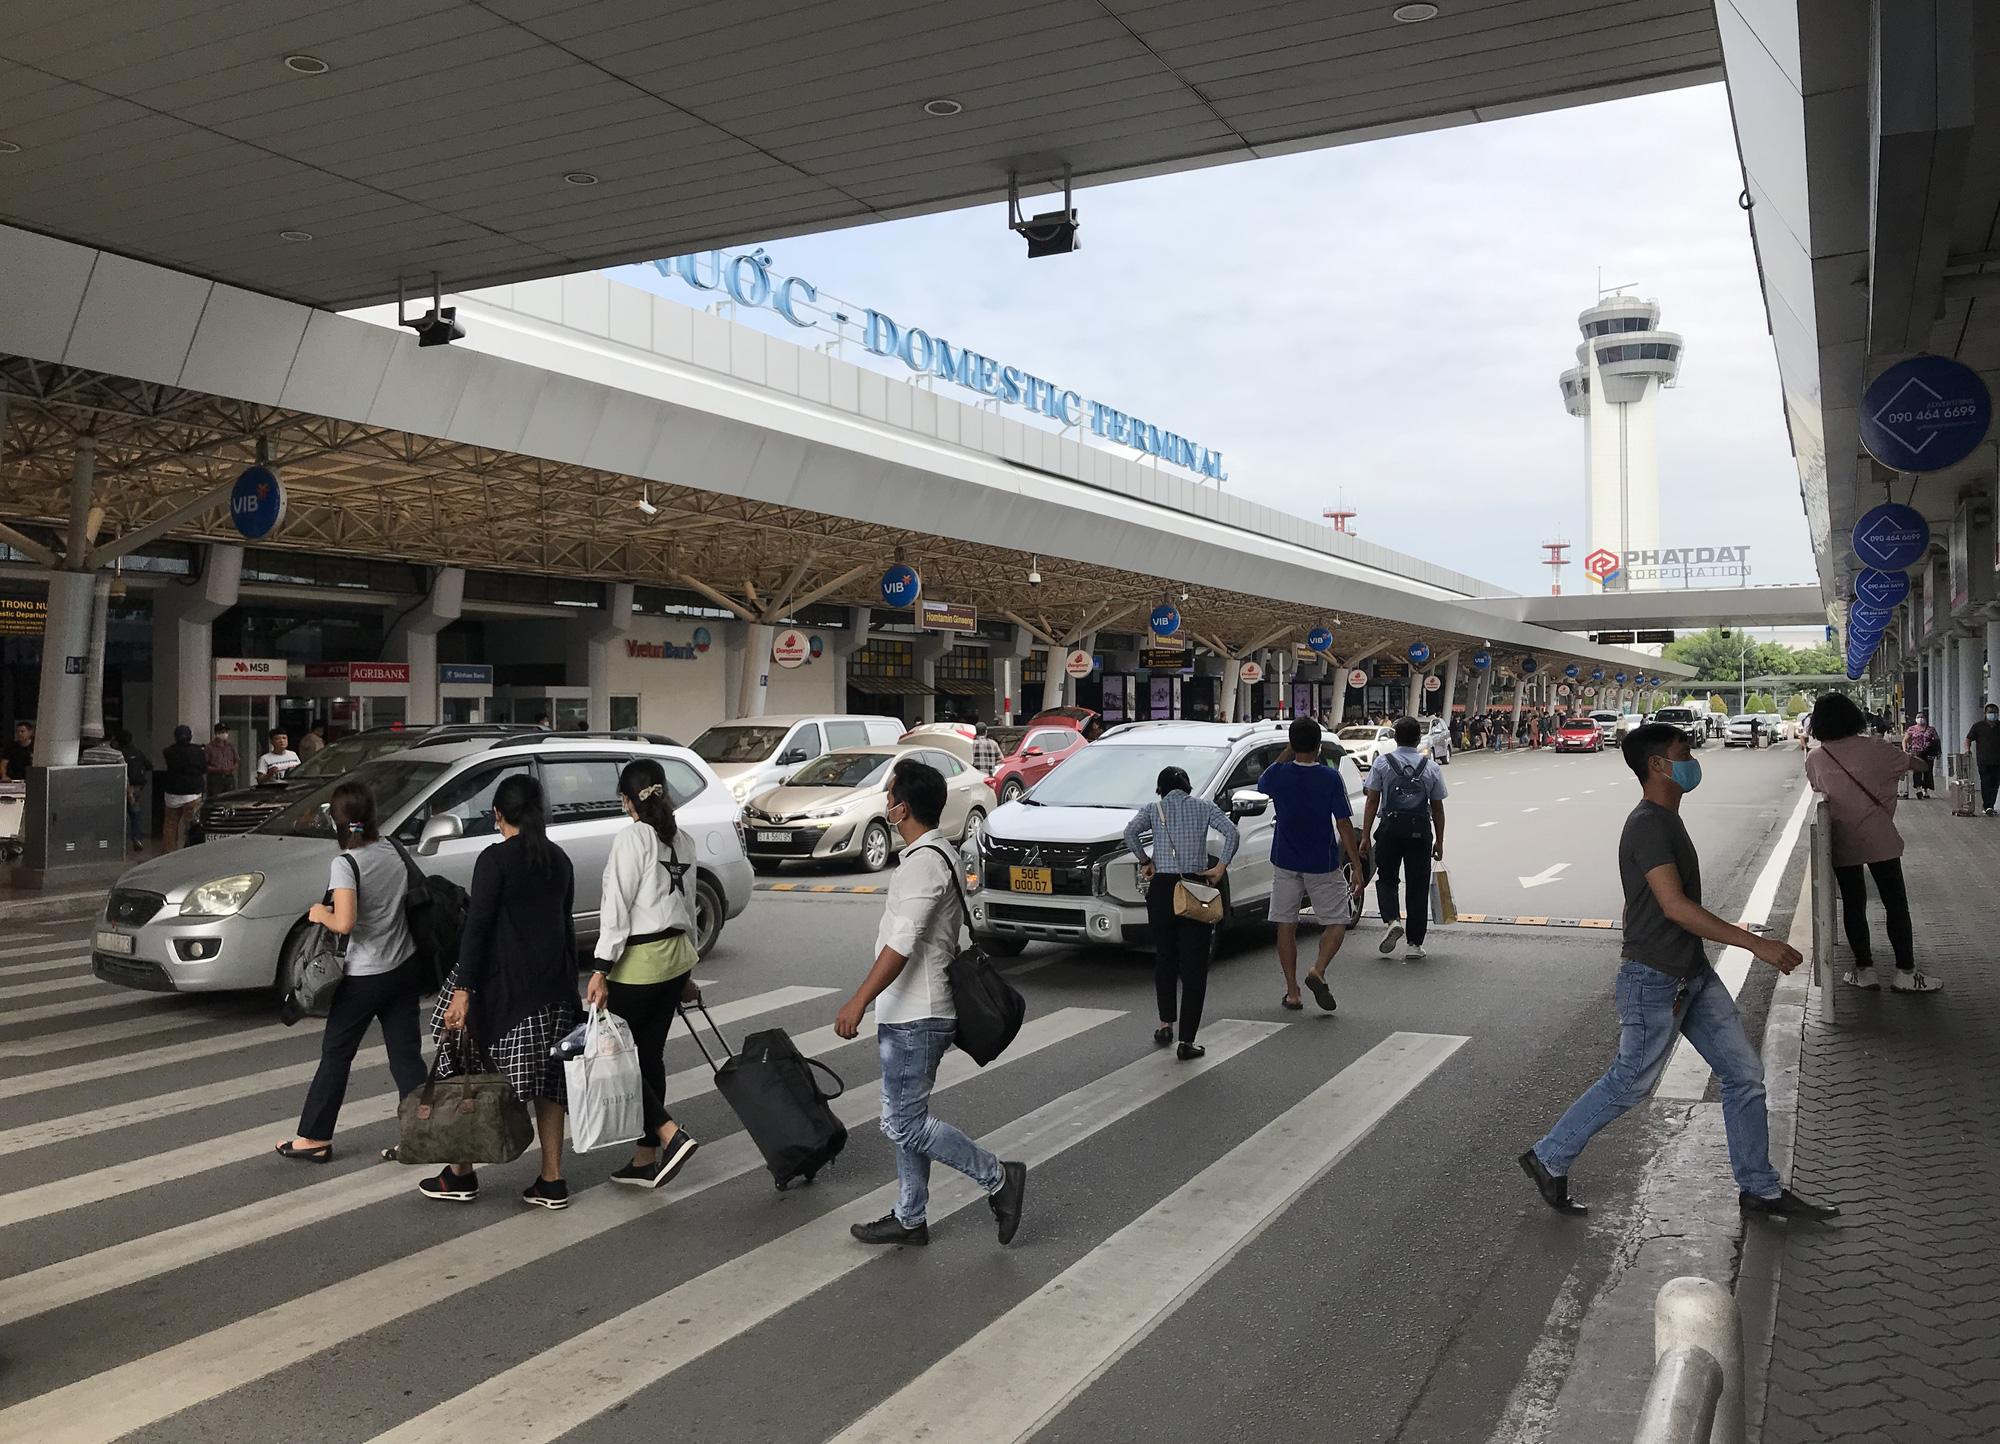 Khách vã mồ hôi, vác vali ra khỏi sân bay Tân Sơn Nhất,  cắt ngang làn ô tô để đón xe - Ảnh 7.